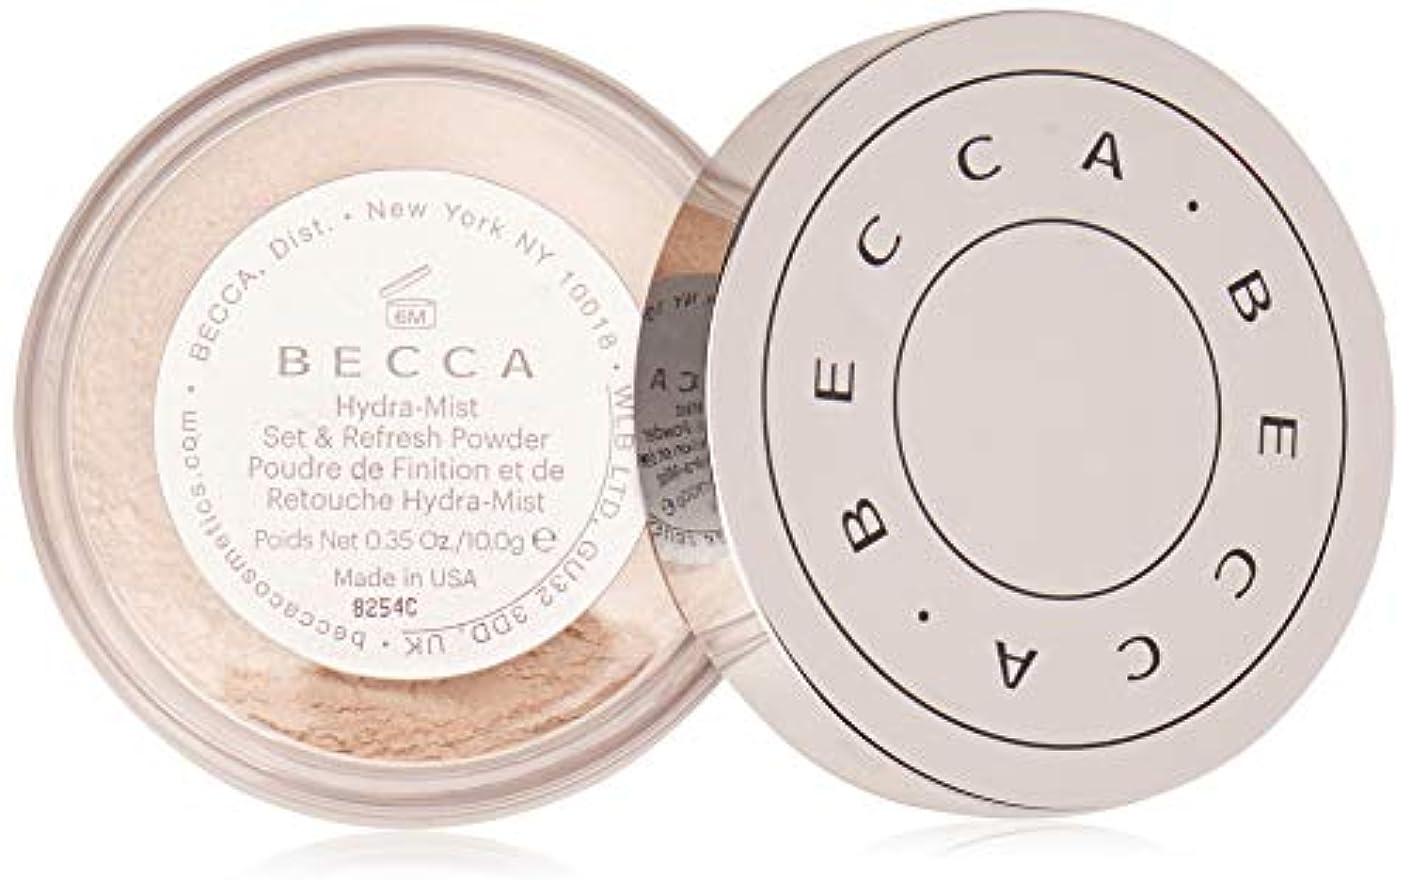 有力者魔術師ボール【ベッカ】Becca Hydra-Mist セット&リフレッシュ フェイスパウダー [水パウダー]